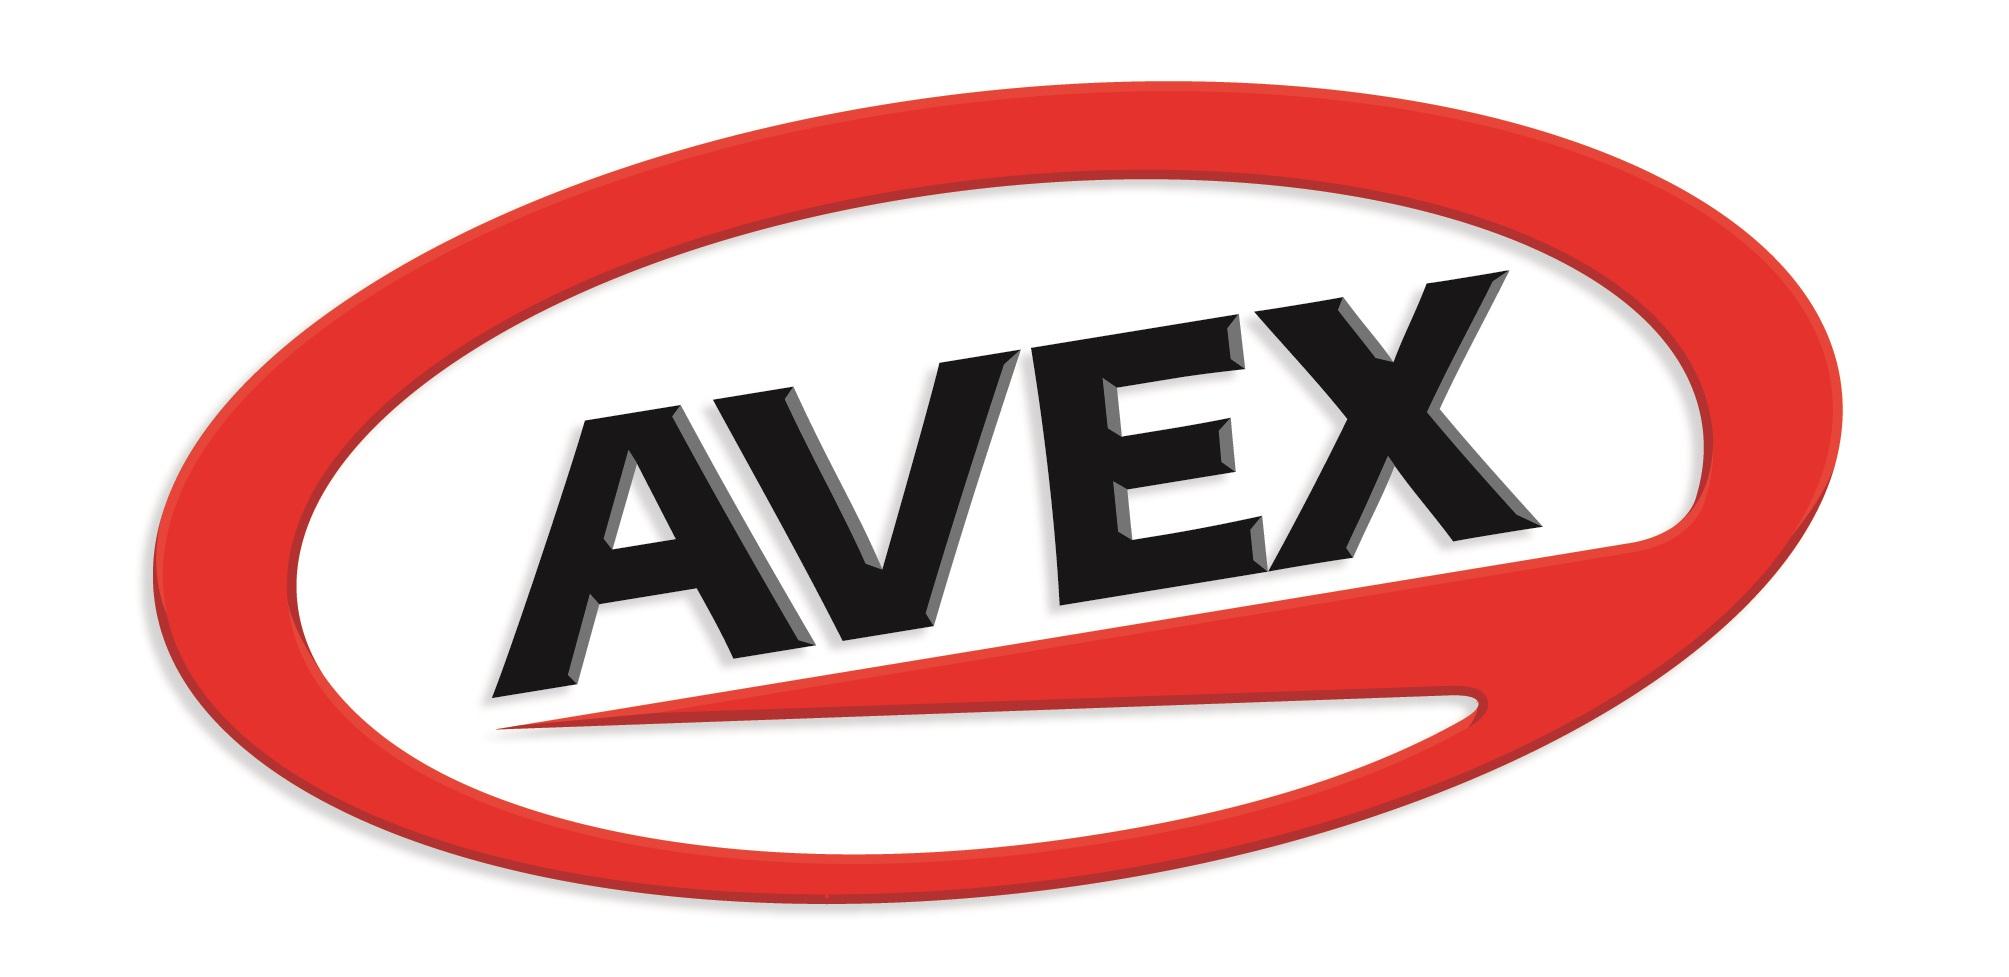 AVEX_Master-for-white.700KB